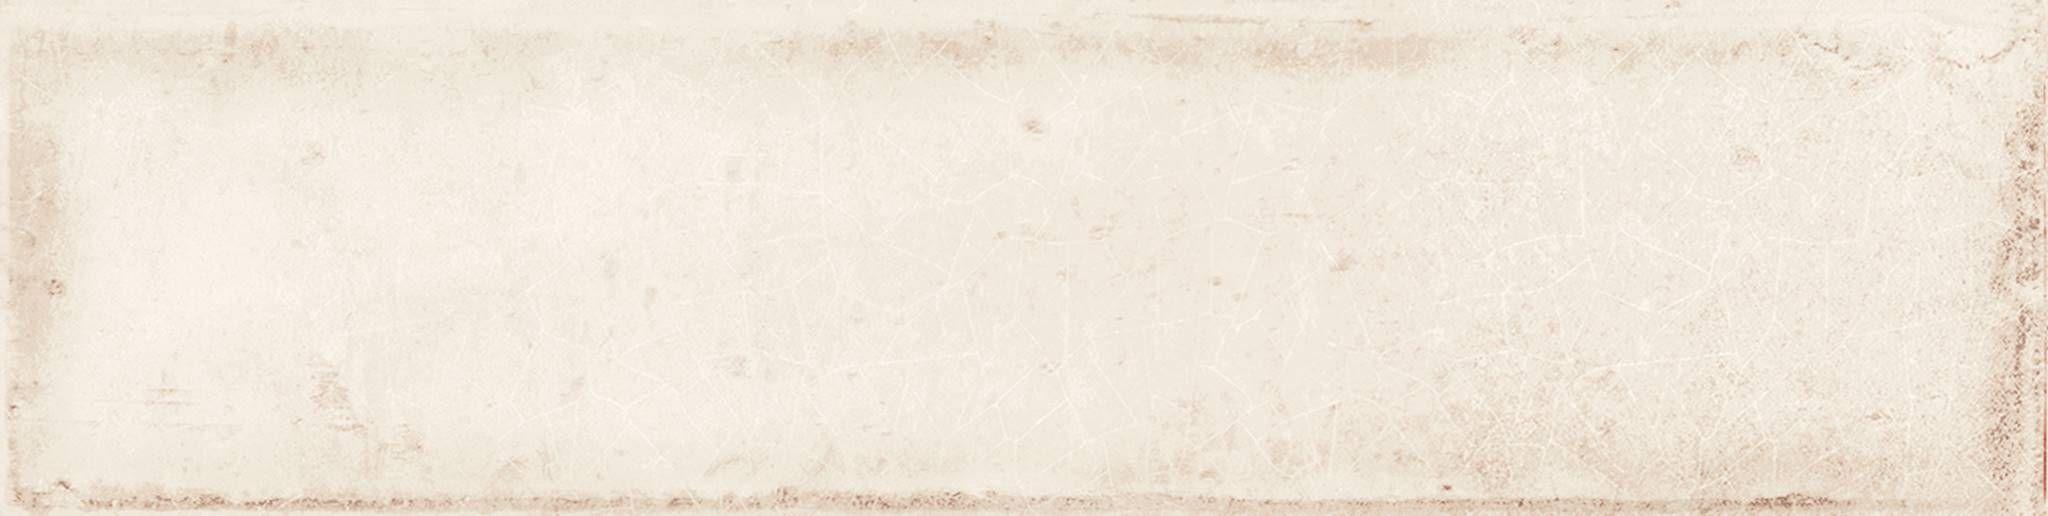 ALCHIMIA_IVORY_7.5×30